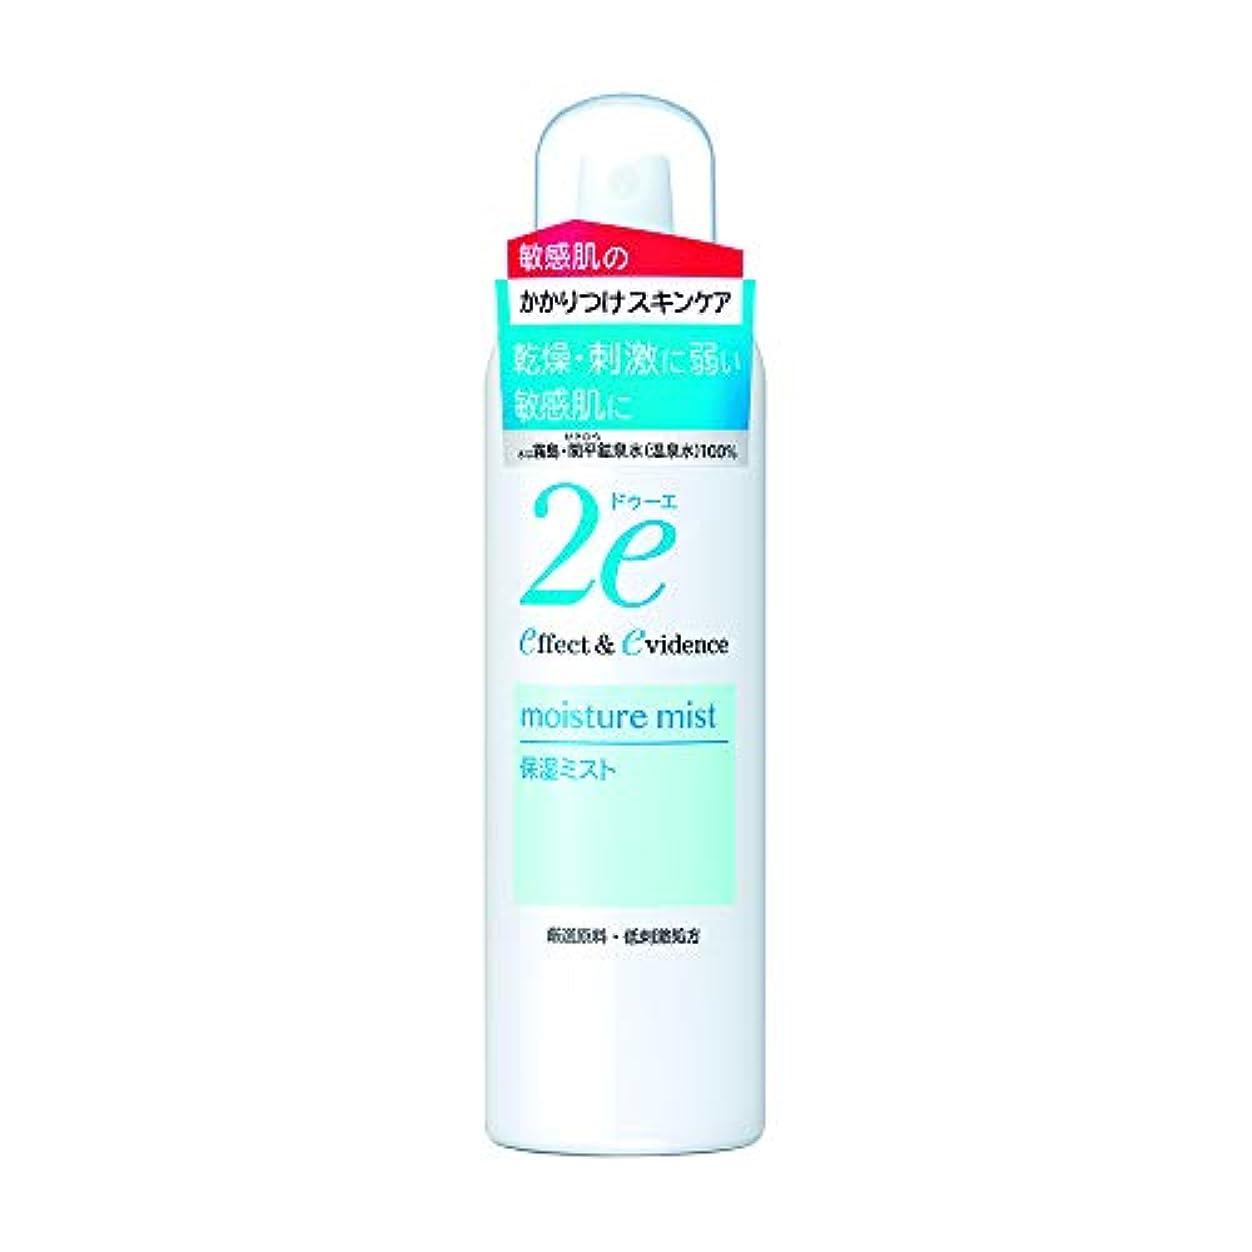 著者限り明るくする2e(ドゥーエ) 保湿ミスト 敏感肌用化粧水 スプレータイプ 低刺激処方 180g